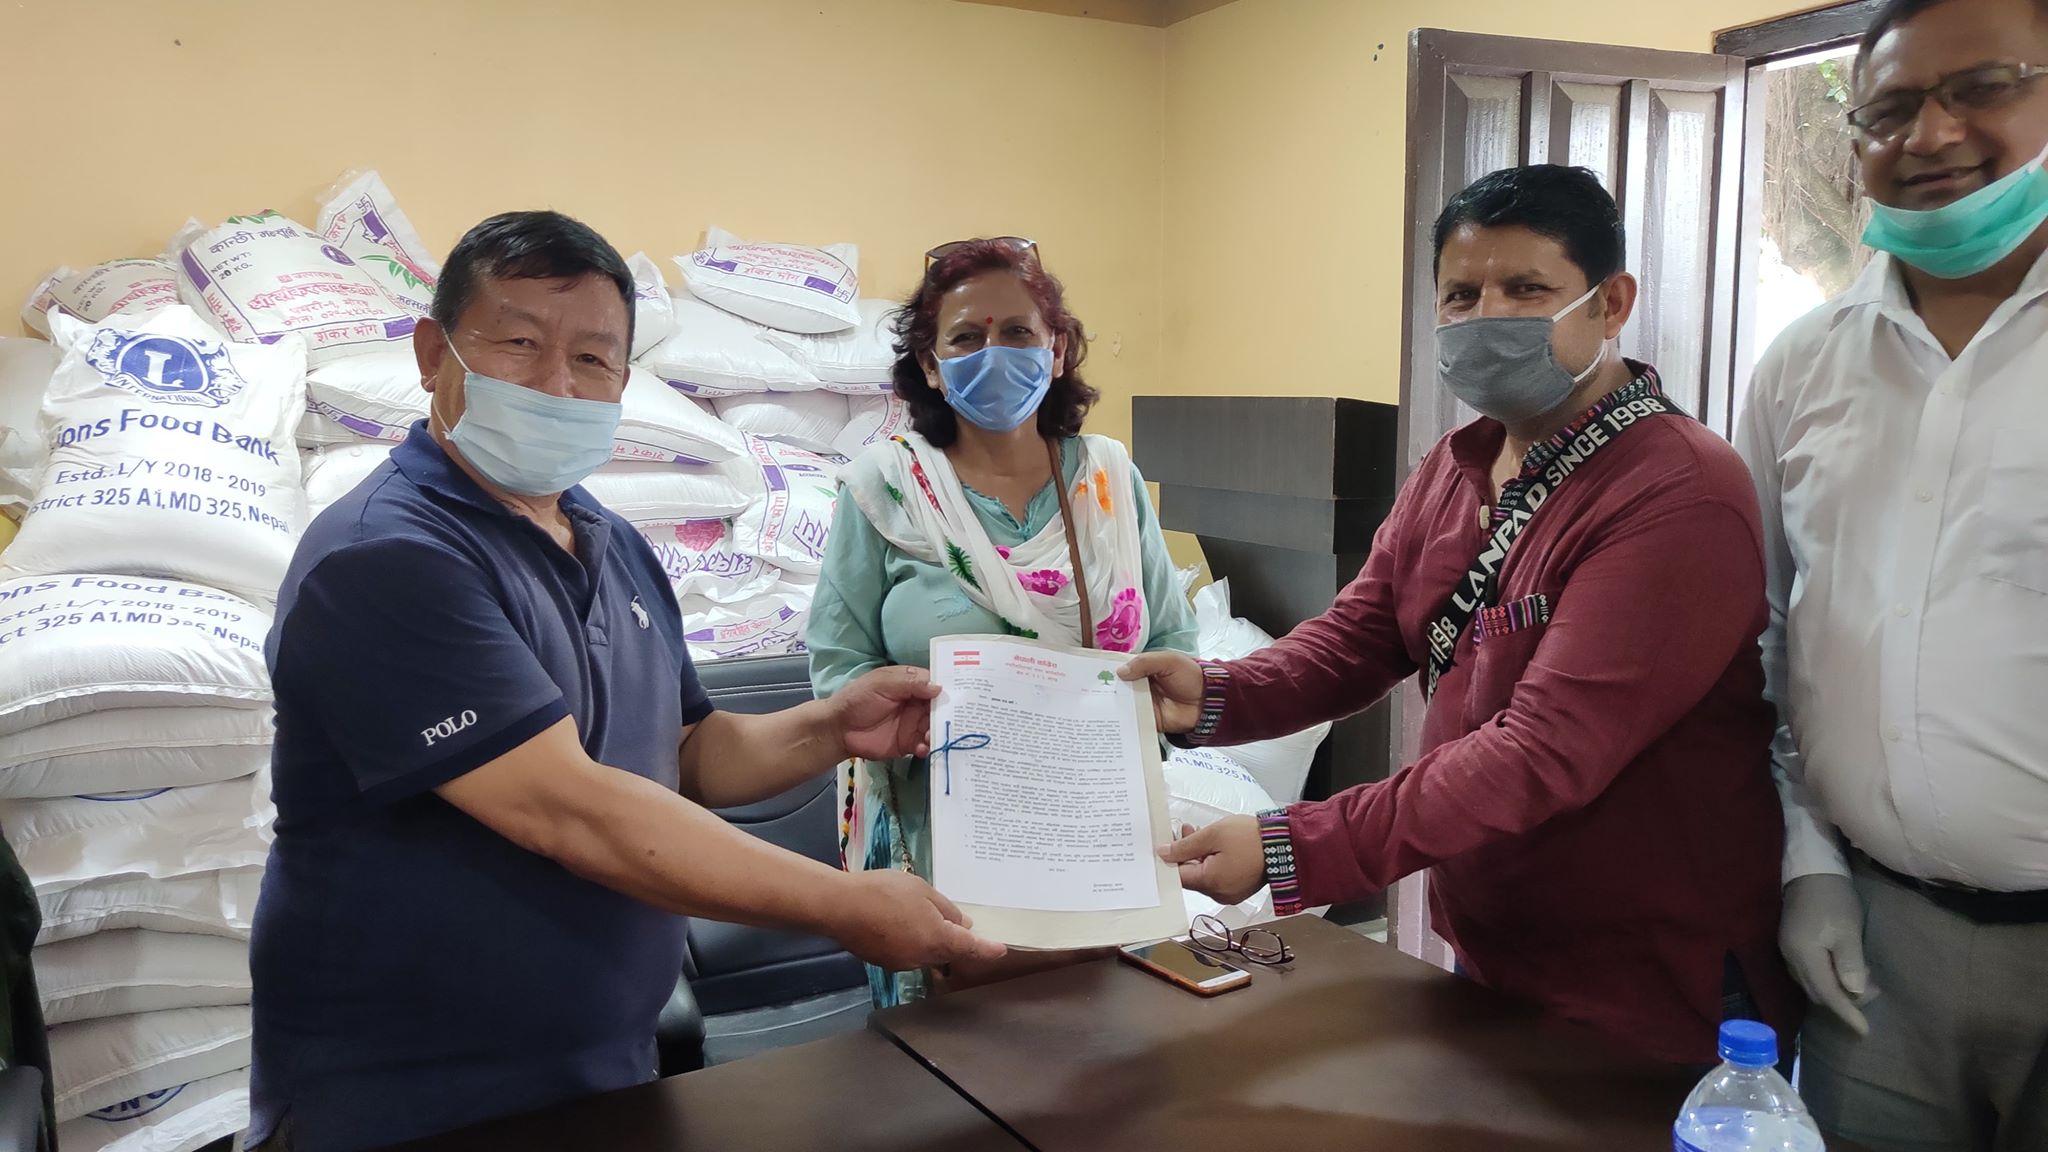 कांग्रेस पथरी शनिश्चरेको माग मल, बिऊ र कोरोना परीक्षण तिब्र पार्नुपर्ने